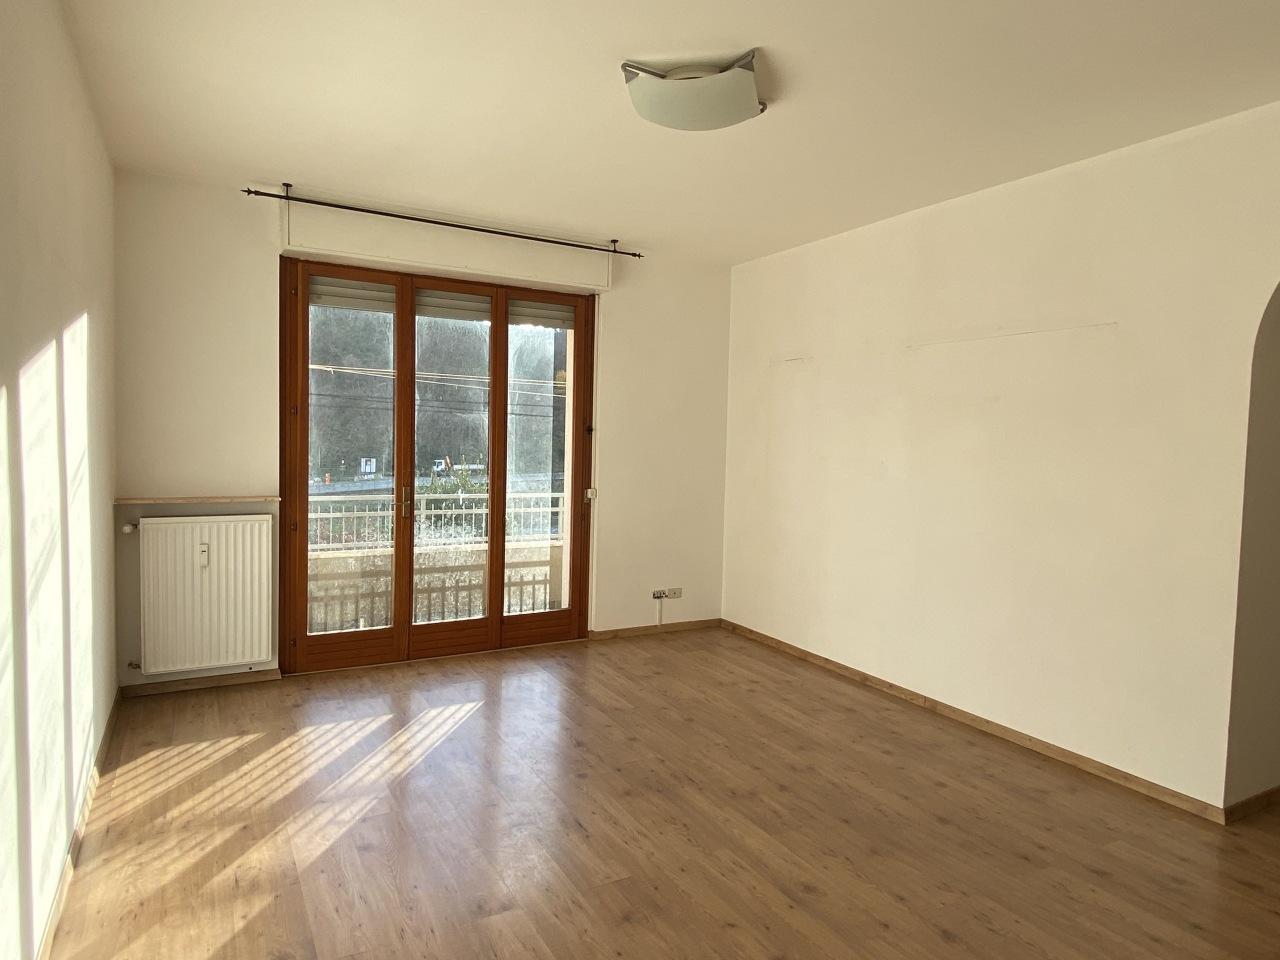 Appartamento in affitto a Casarza Ligure, 3 locali, prezzo € 500 | CambioCasa.it